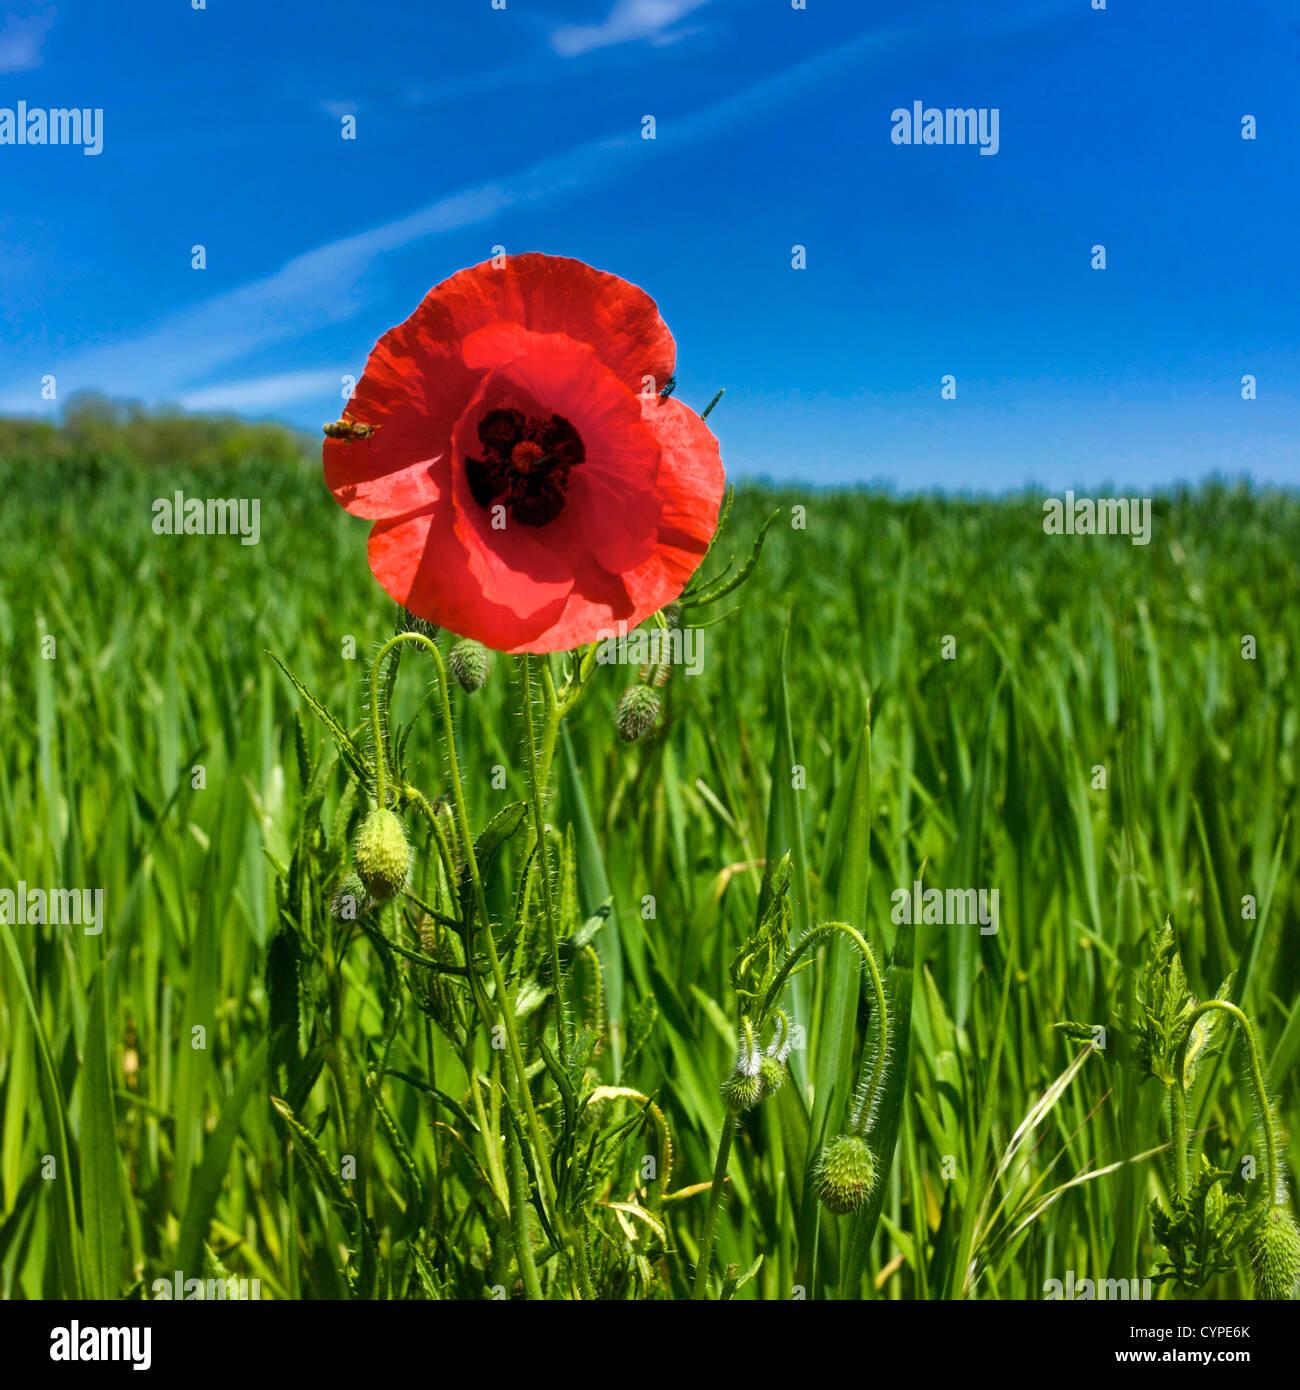 Single Poppy Flower In A Field Of Wheat Stock Photo 51510555 Alamy